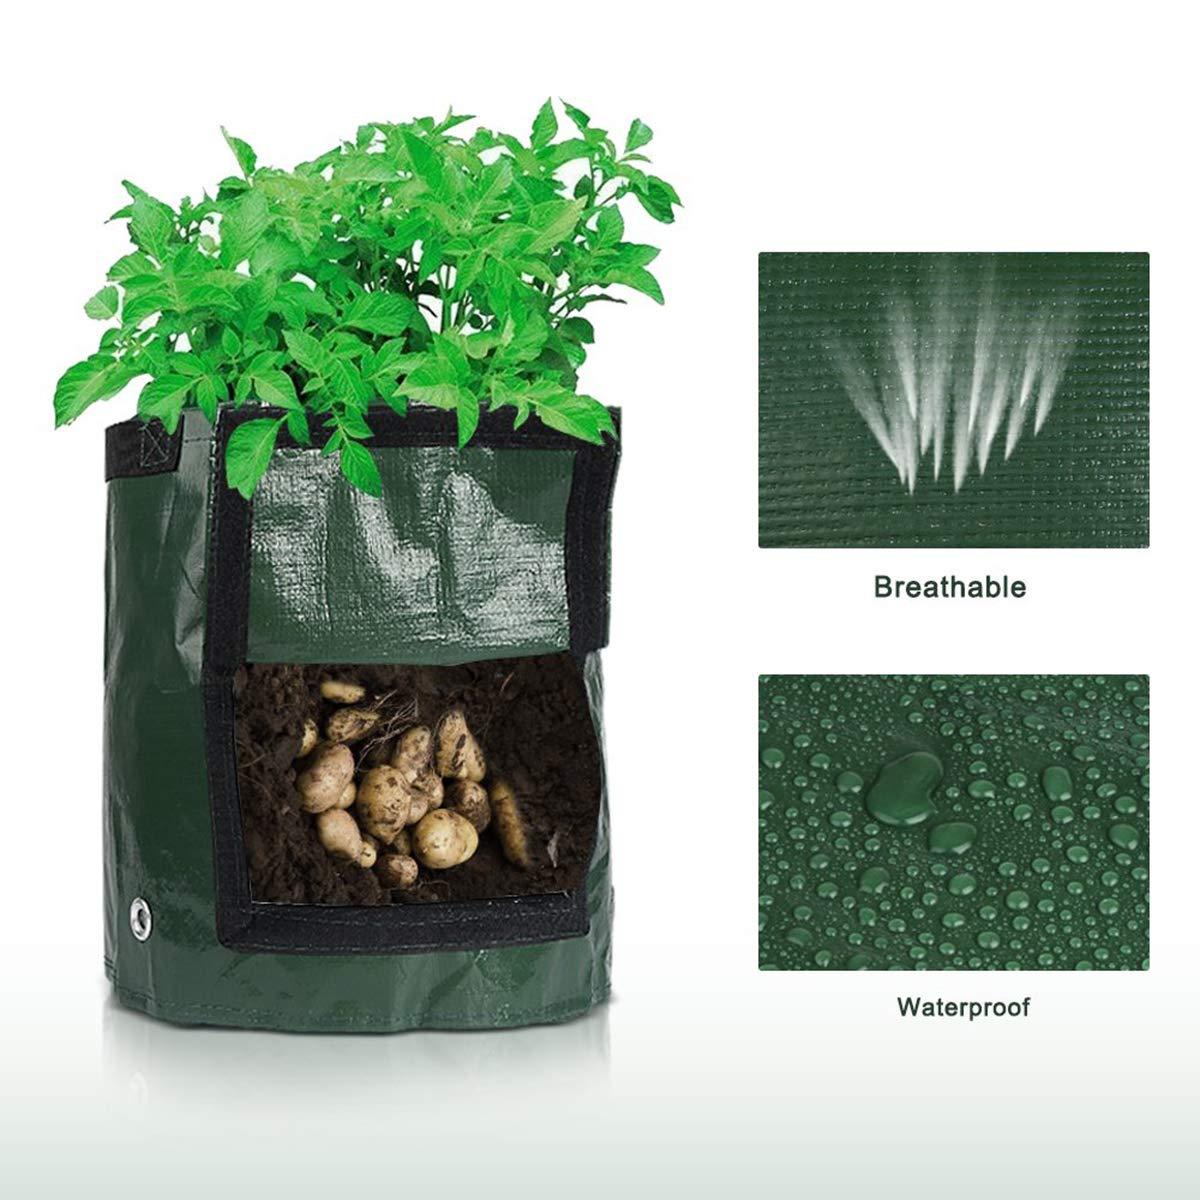 35cm x 45cm Patate Grow Borse,aerazione Tessuto Pentole Lychee/® Sacchetto di piantatura patata 2-Pack 10 Gallon Borse PE per coltivare patate carote e cipolla